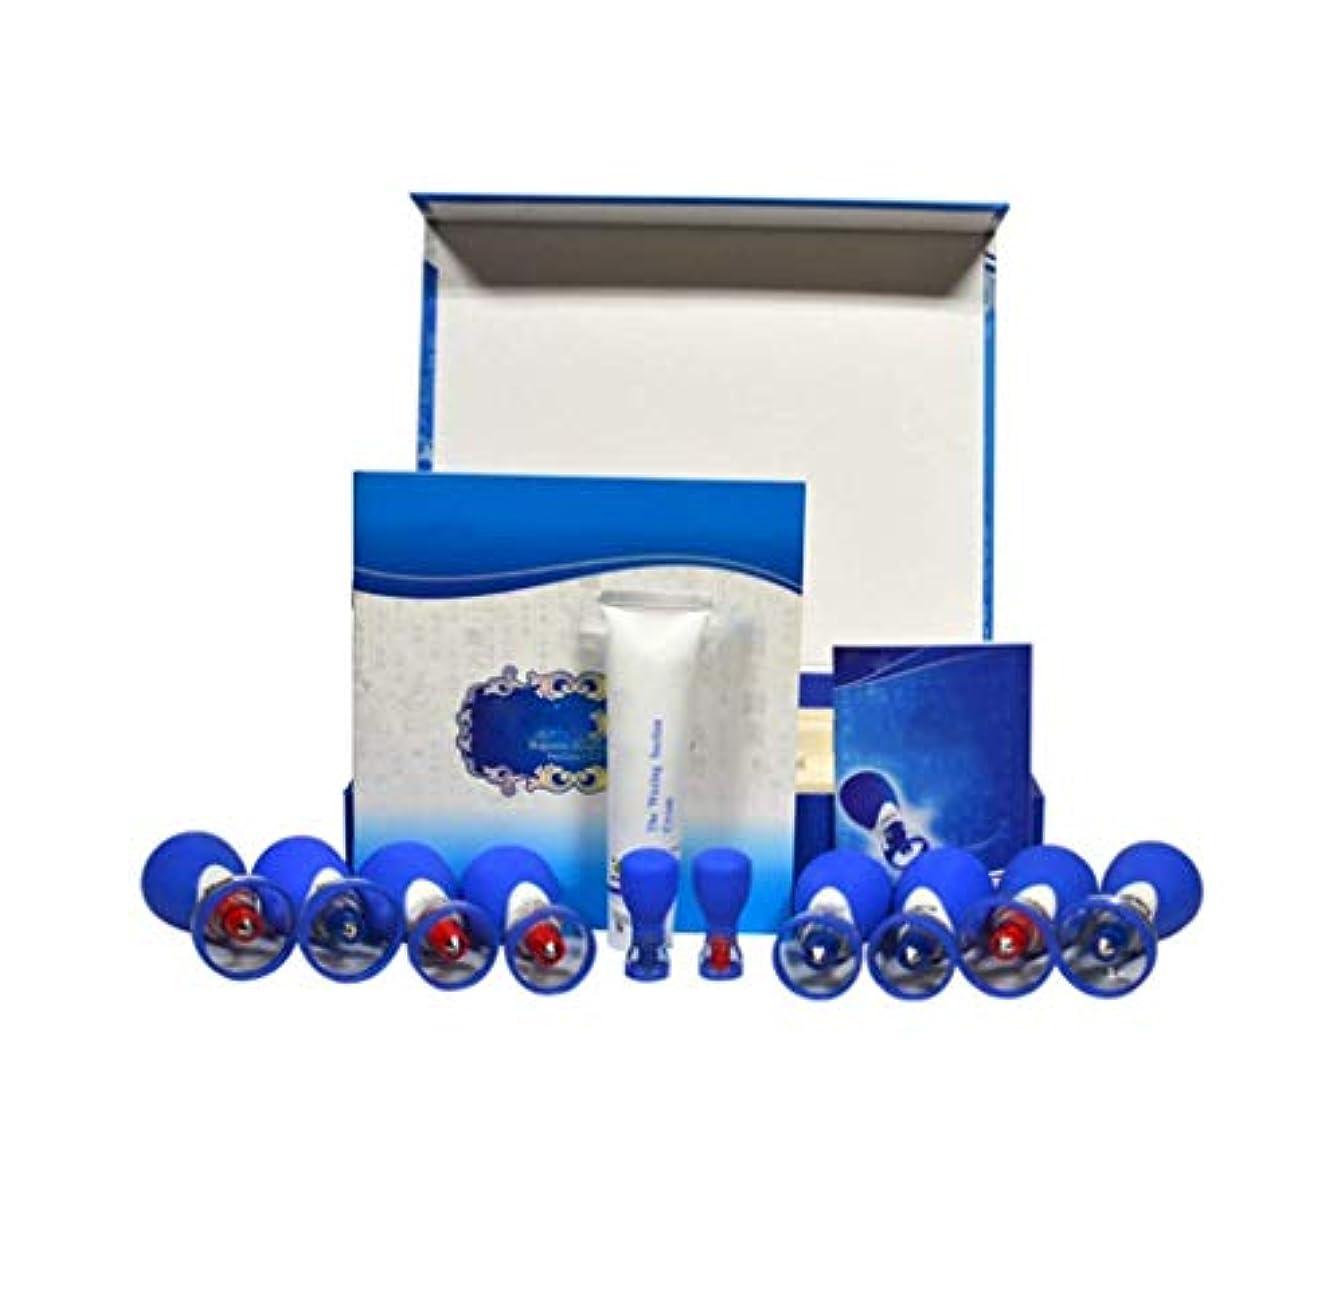 フィドルダーリンネズミ磁気カッピング、10カップ磁気指圧吸引カッピングセット、マッサージ筋肉関節痛の軽減